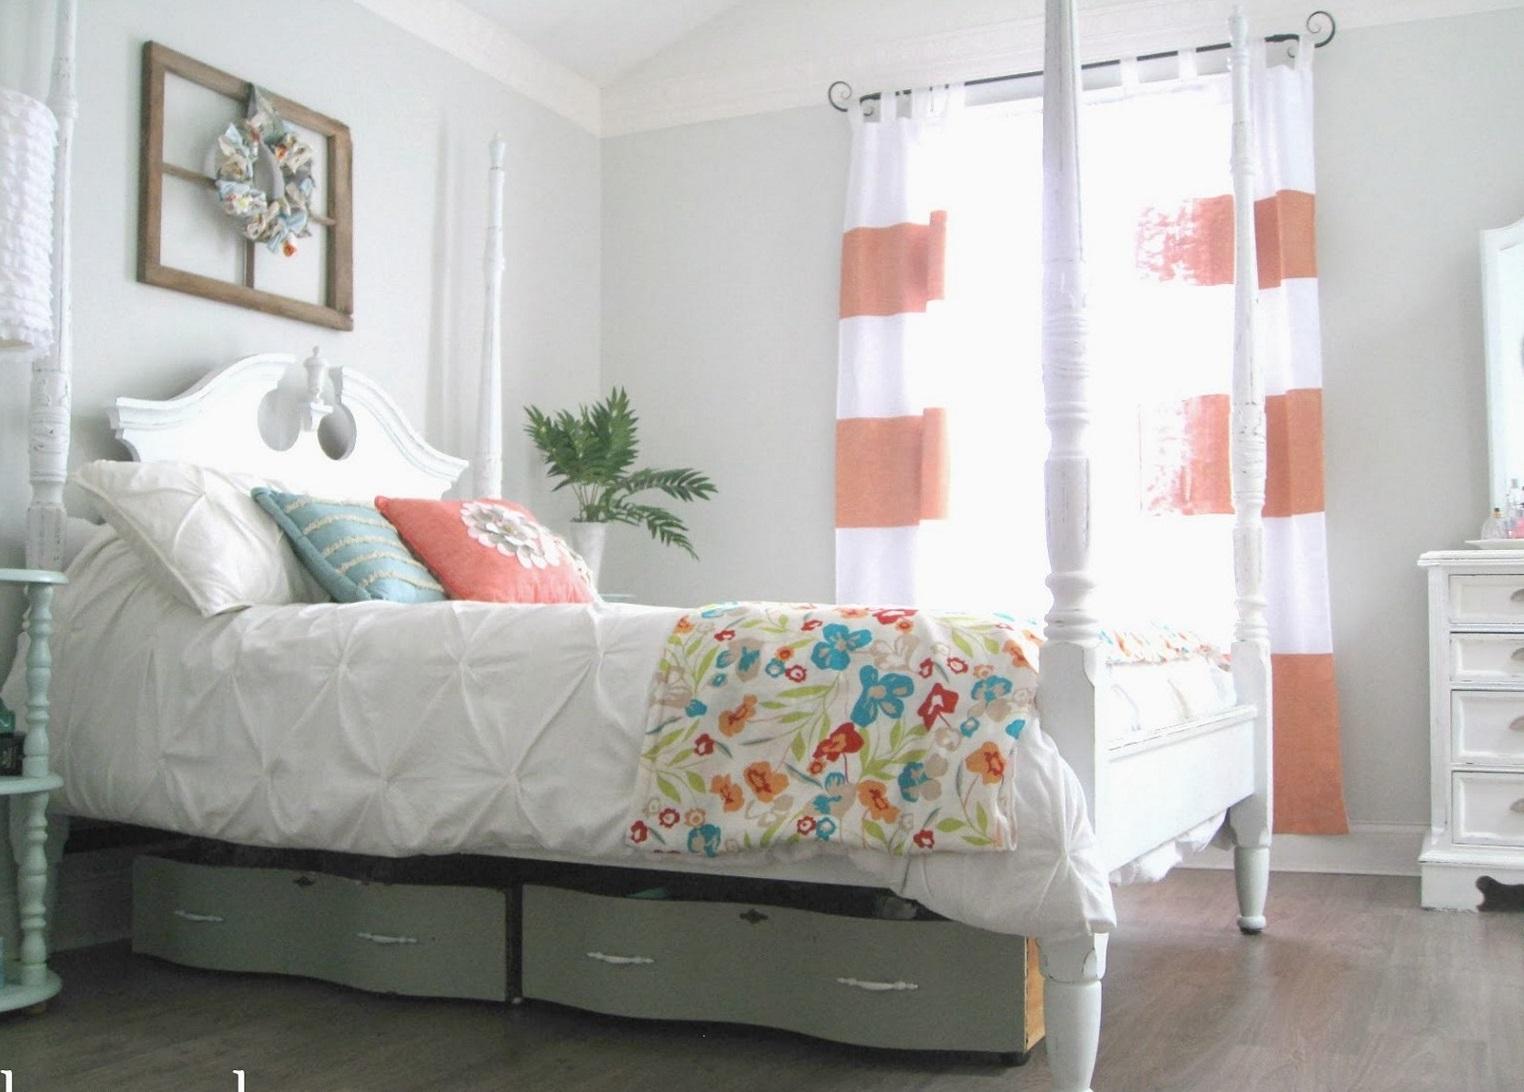 15 consigli per tenere in ordine la camera da letto home for Contenitori camera da letto